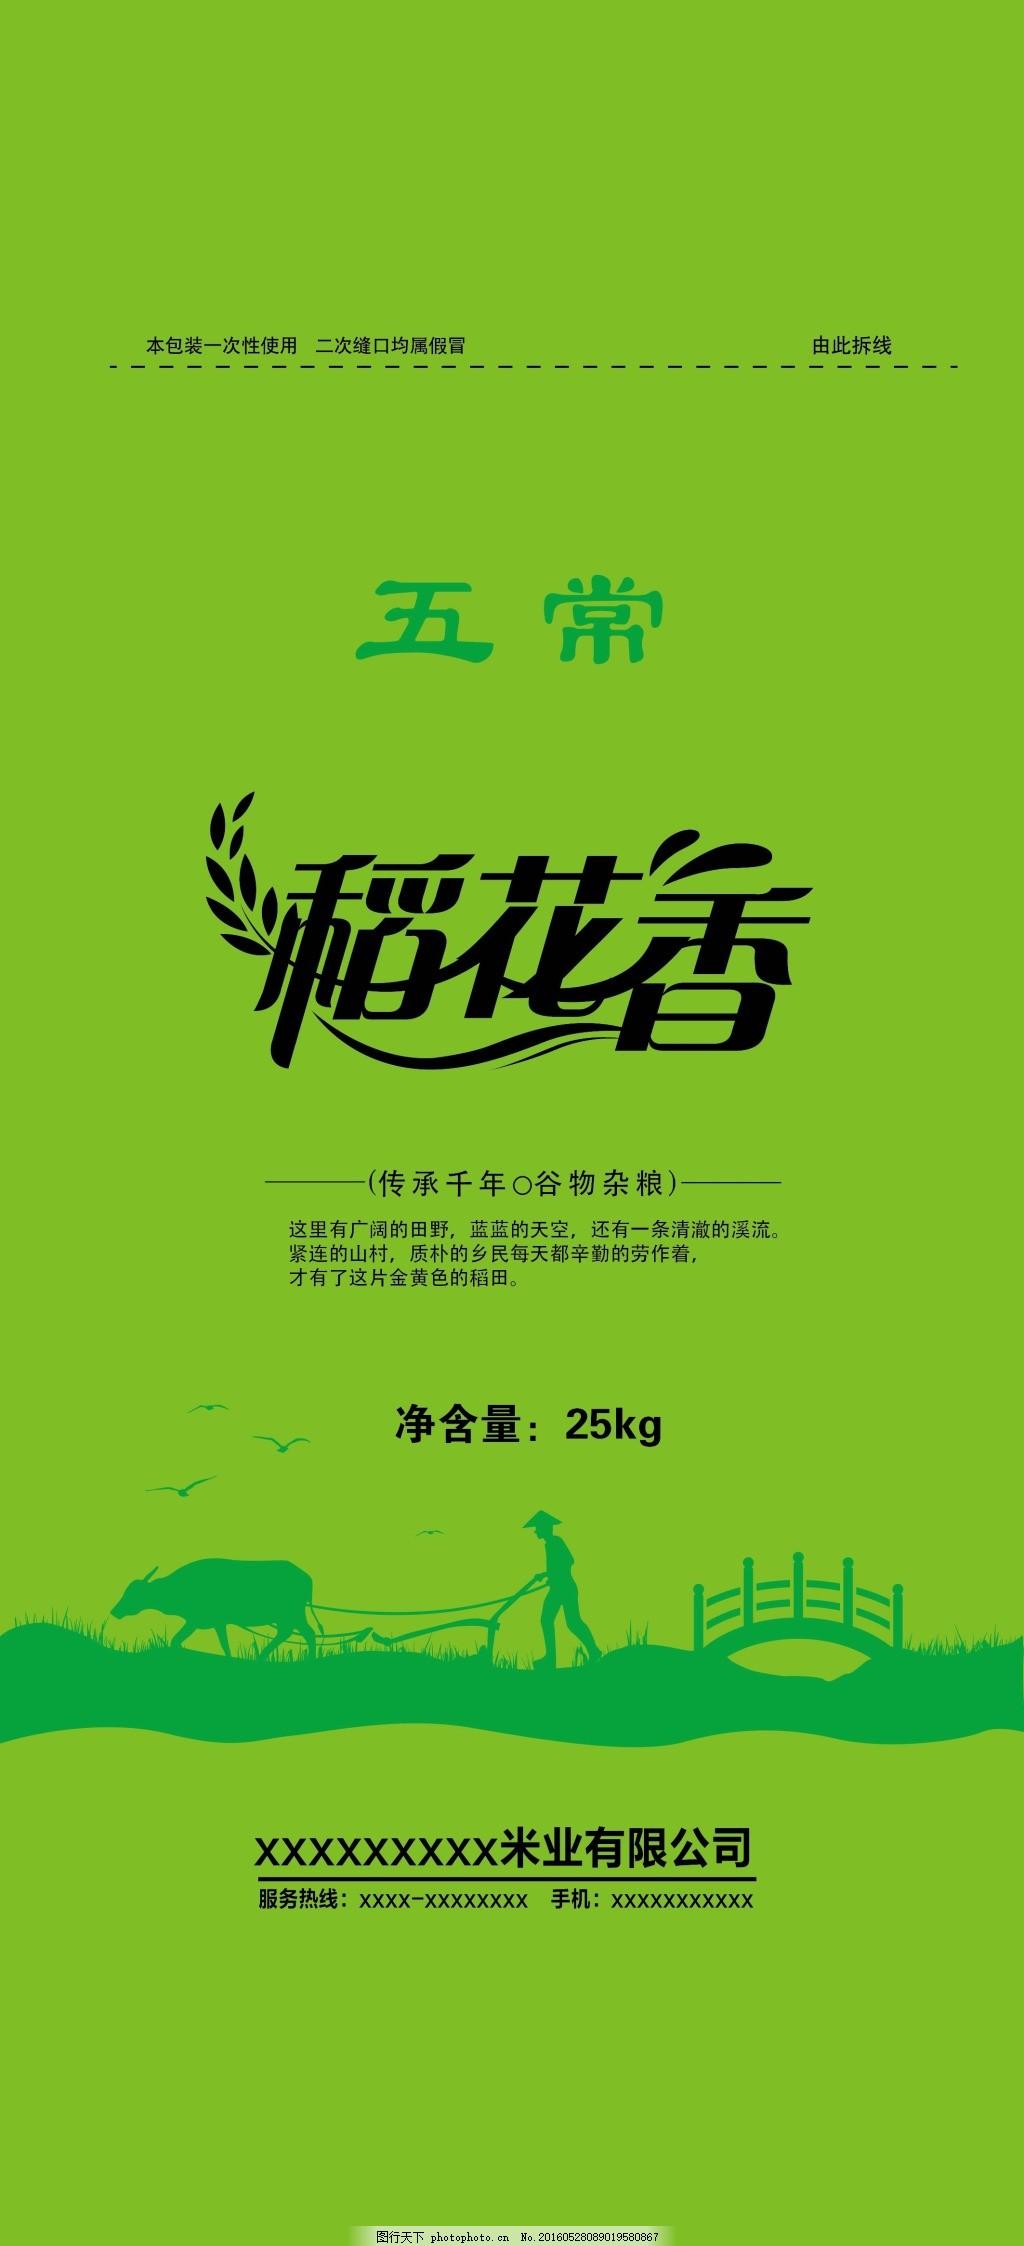 大米礼盒 大米袋 大米包装 米包装袋 大米设计 米袋设计 稻花香米